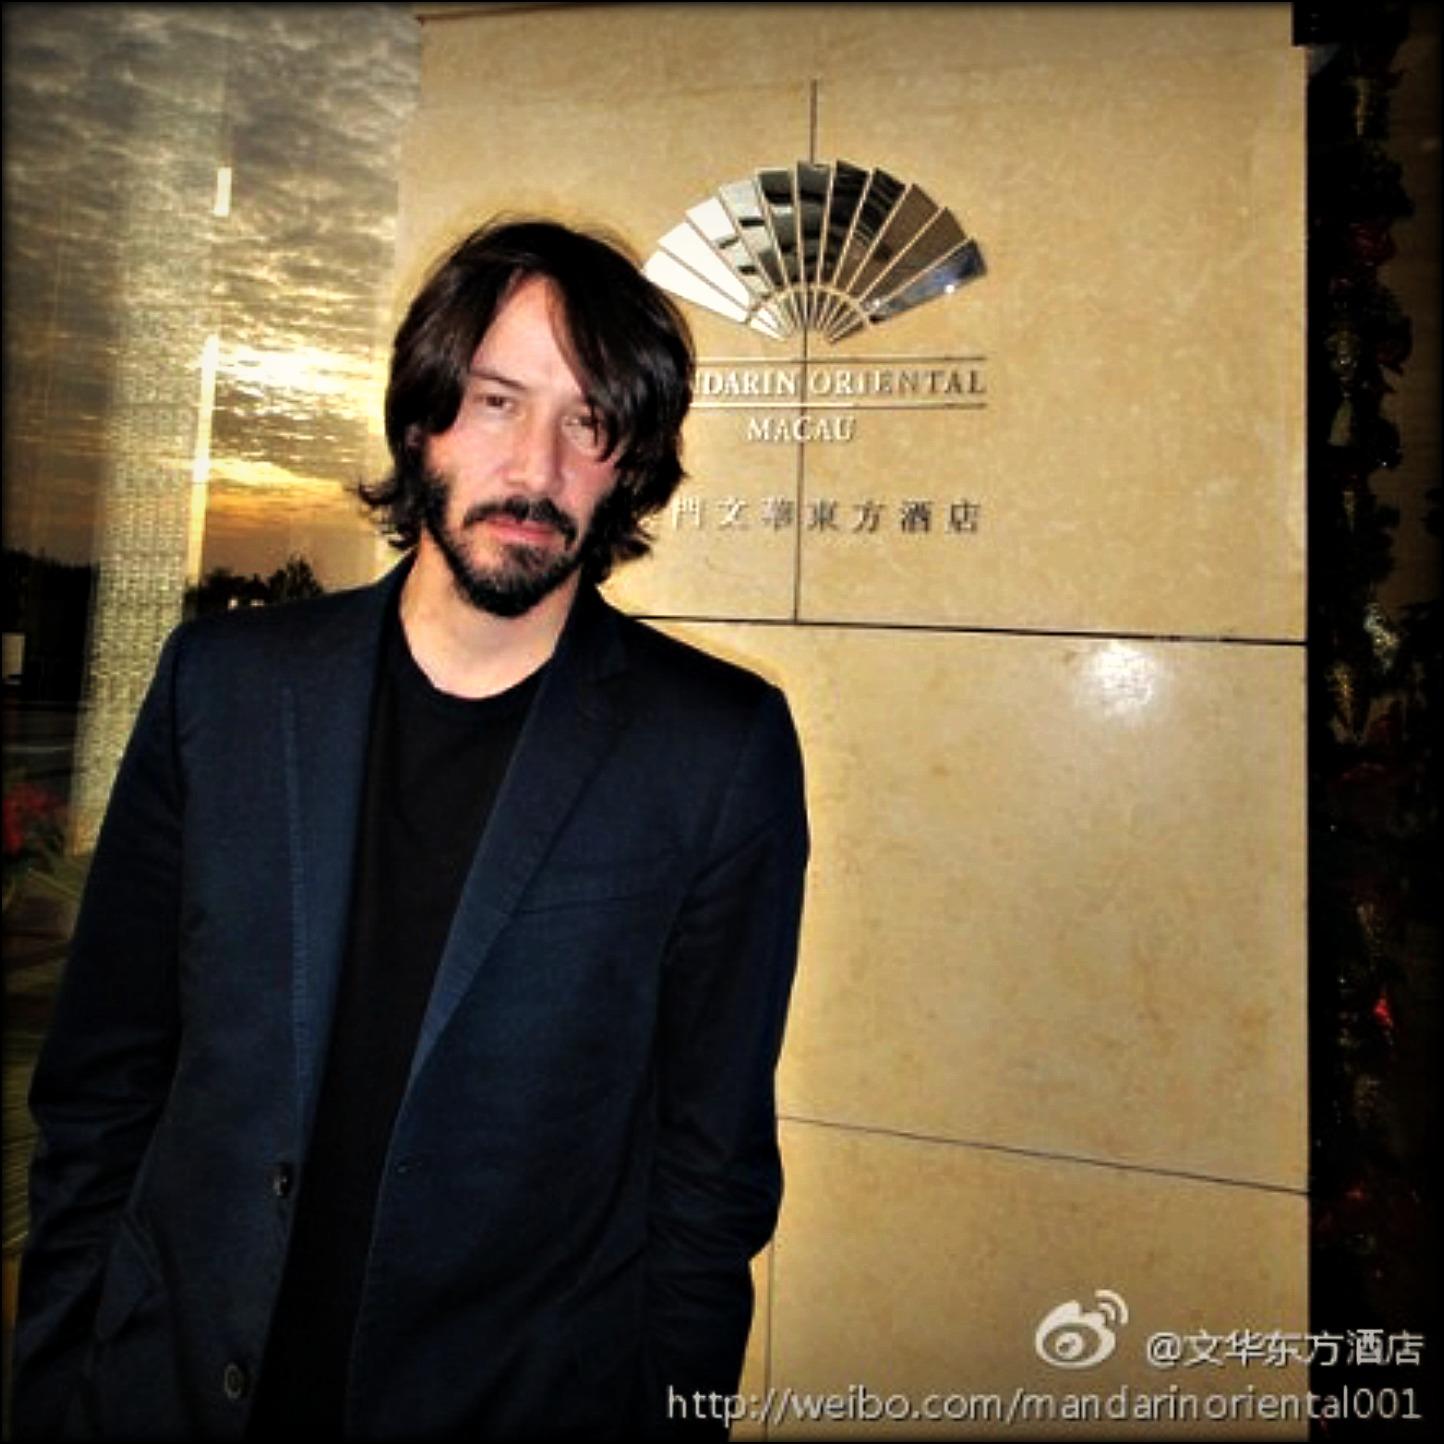 http://1.bp.blogspot.com/-LJ9vt9kPrN8/Tr7SOEI1WMI/AAAAAAAAAbI/Lul87BwnhFg/s1600/keanu+12-11-2011+Beijing+445995943%2528PRCM%2529.jpg